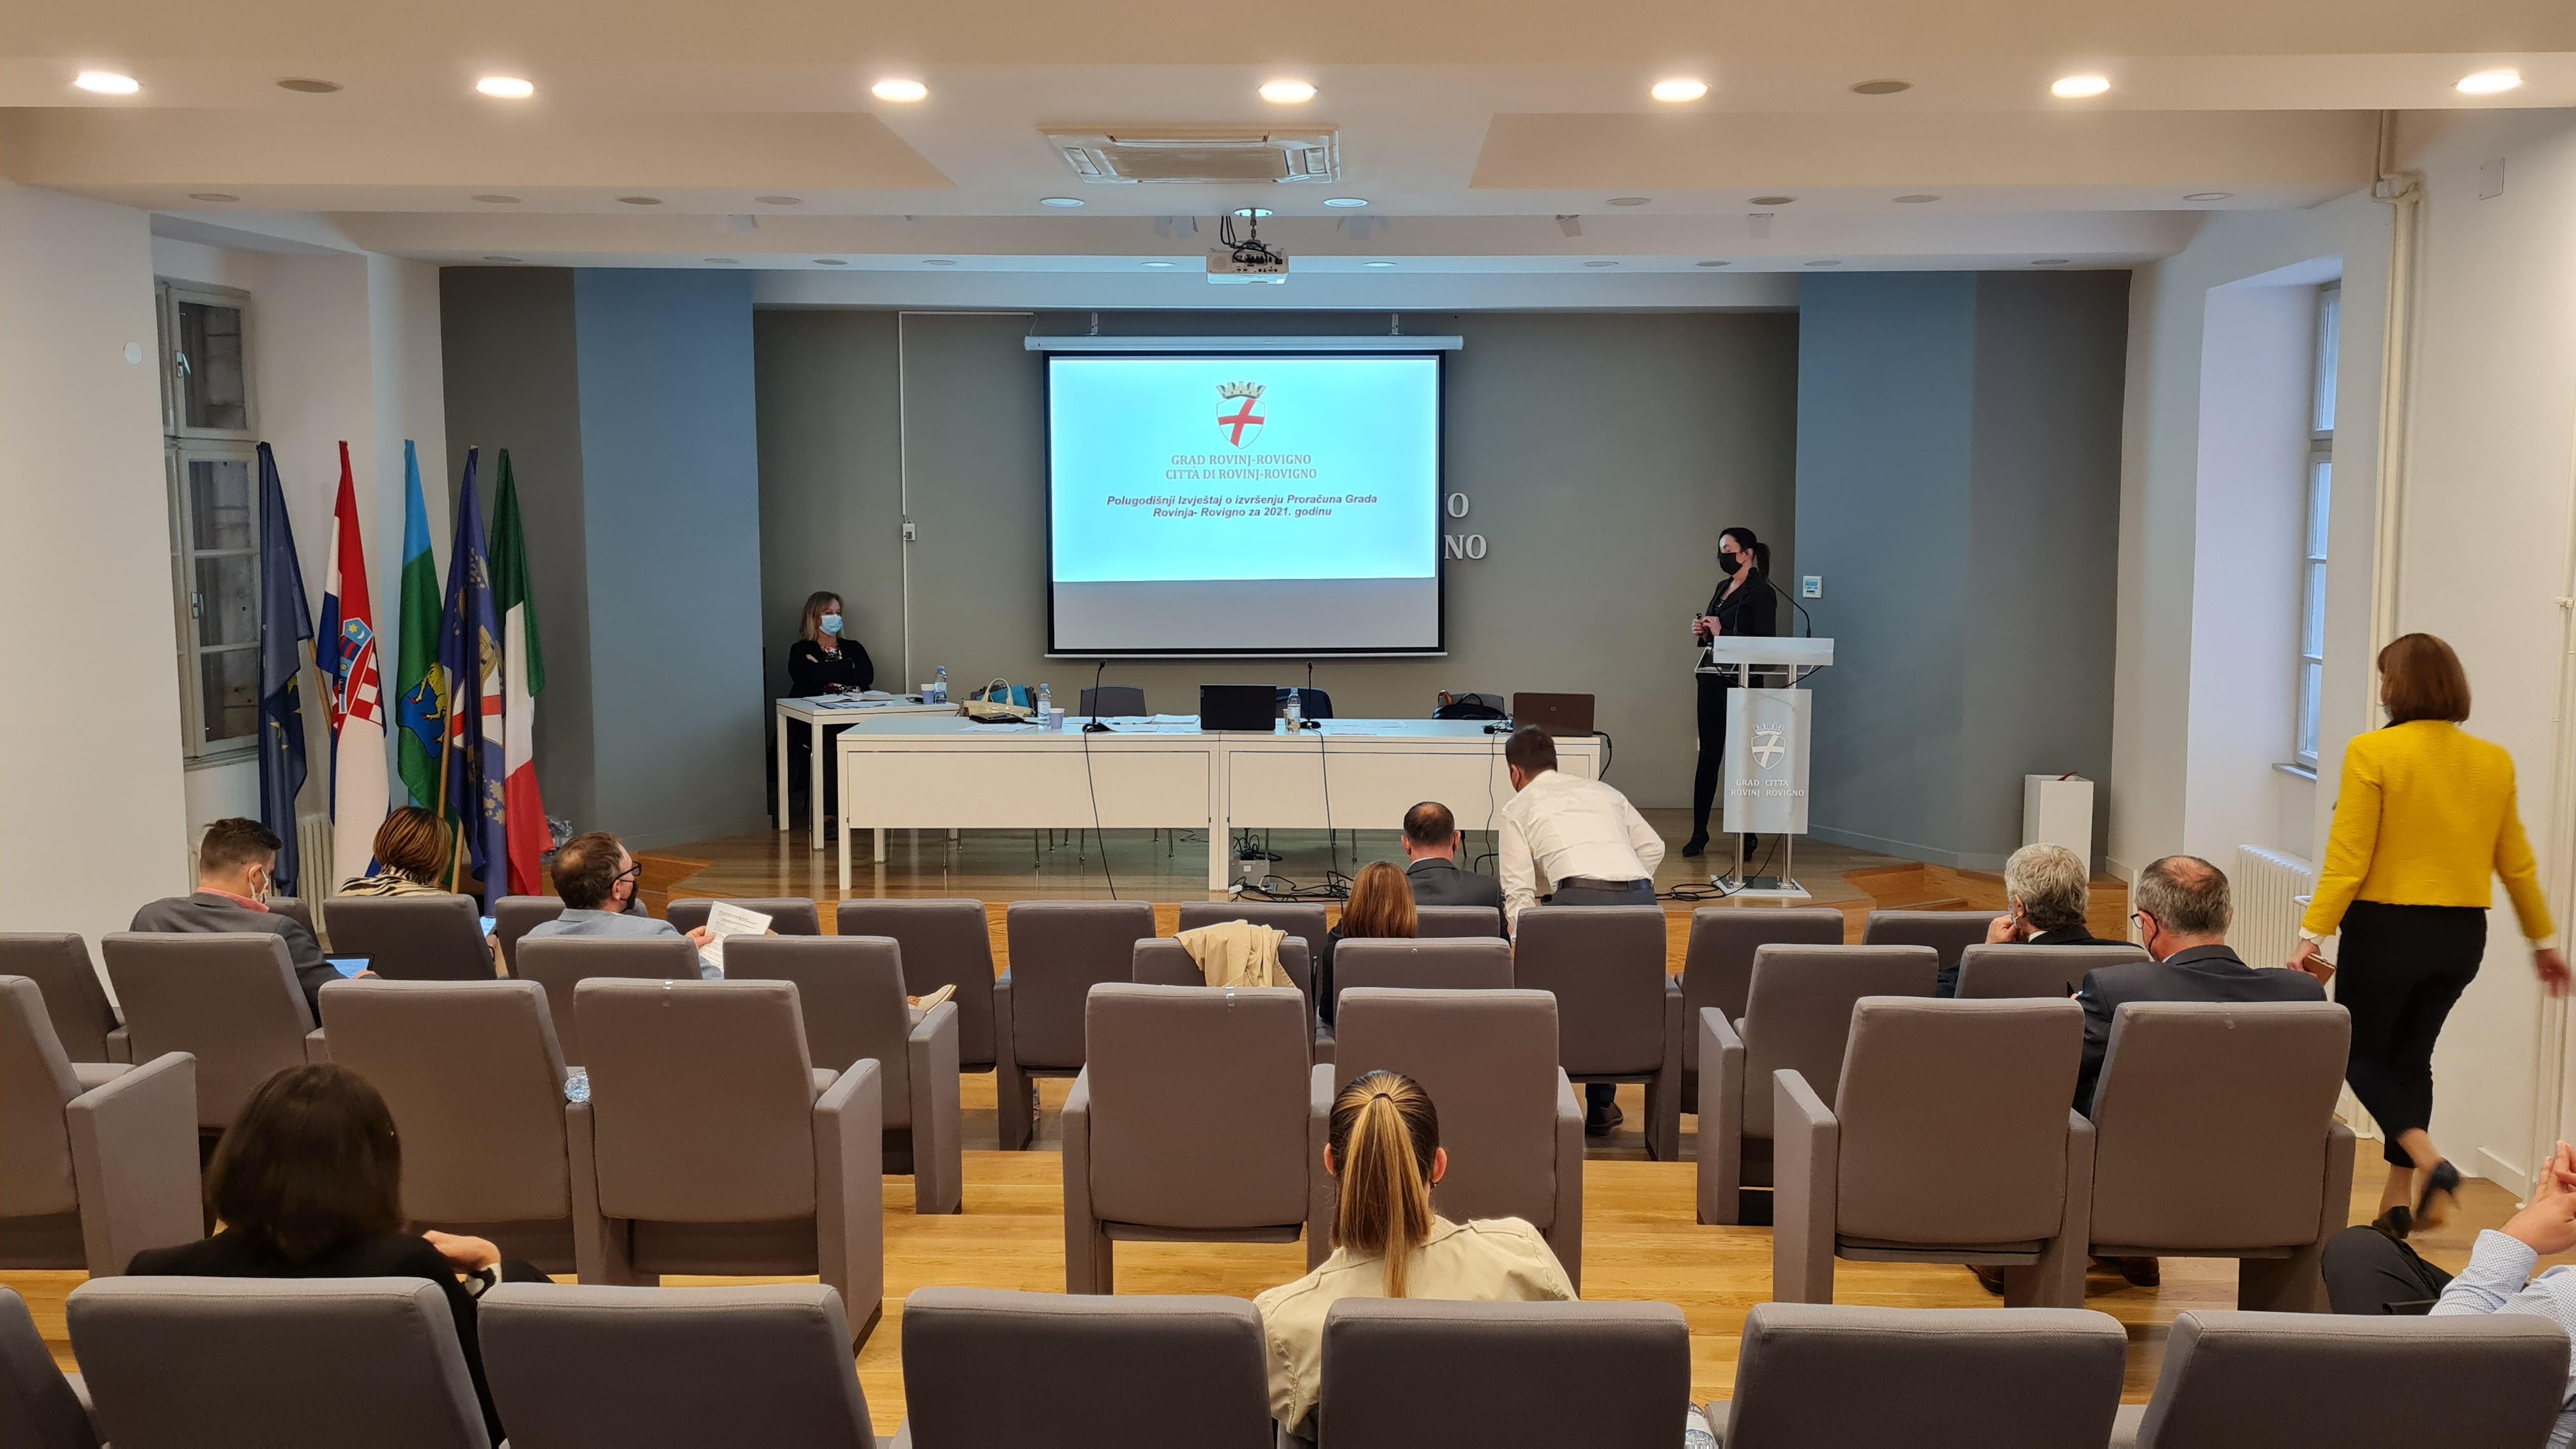 Održana 6. sjednica Gradskog vijeća Grada Rovinja-Rovigno